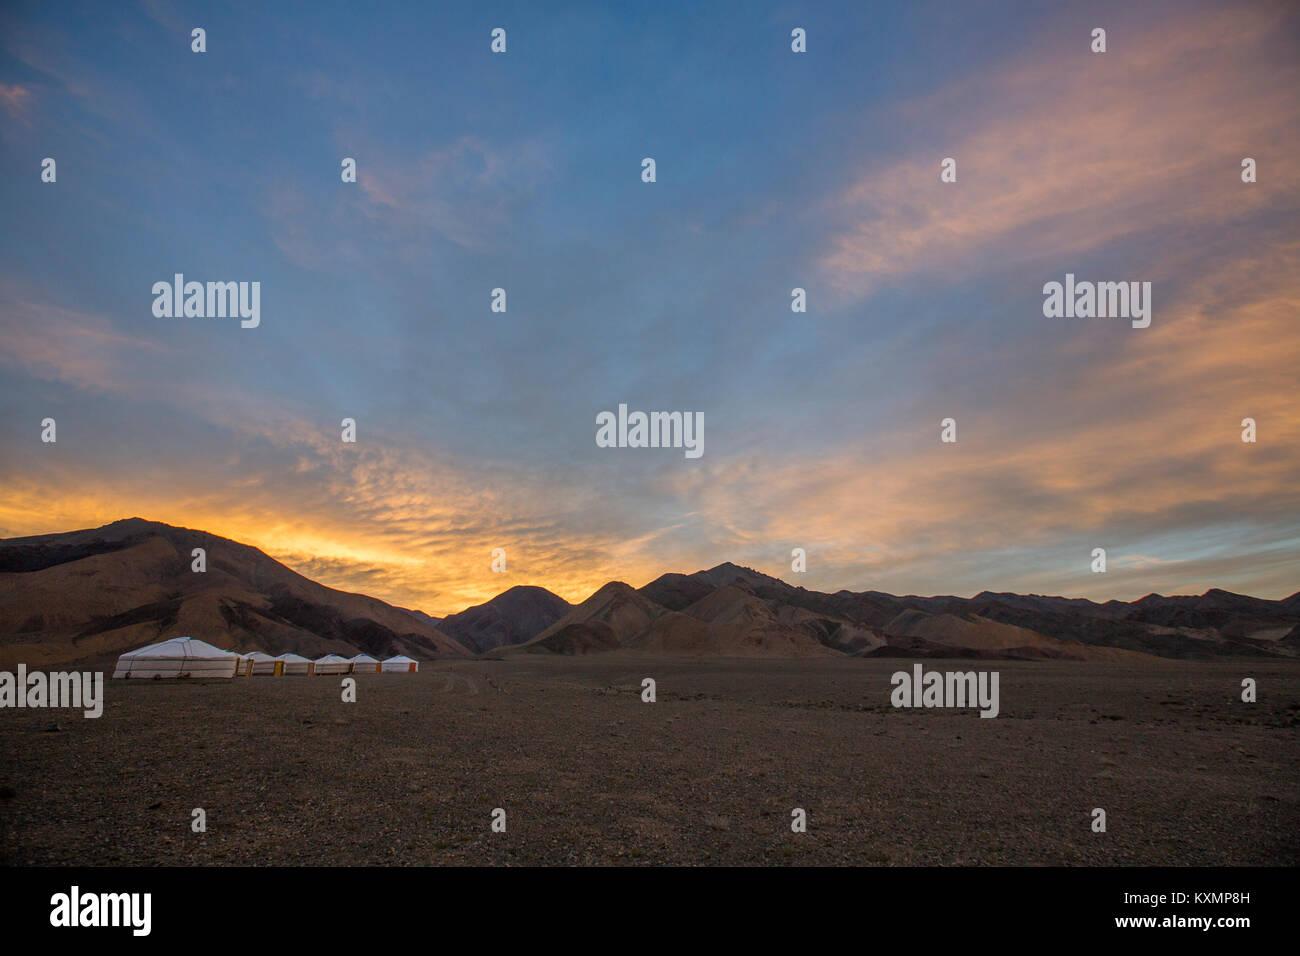 Malerische Aussicht, bei der die Zeile der Jurten in Altai Gebirge bei Sonnenaufgang, Khovd, Mongolei Stockbild